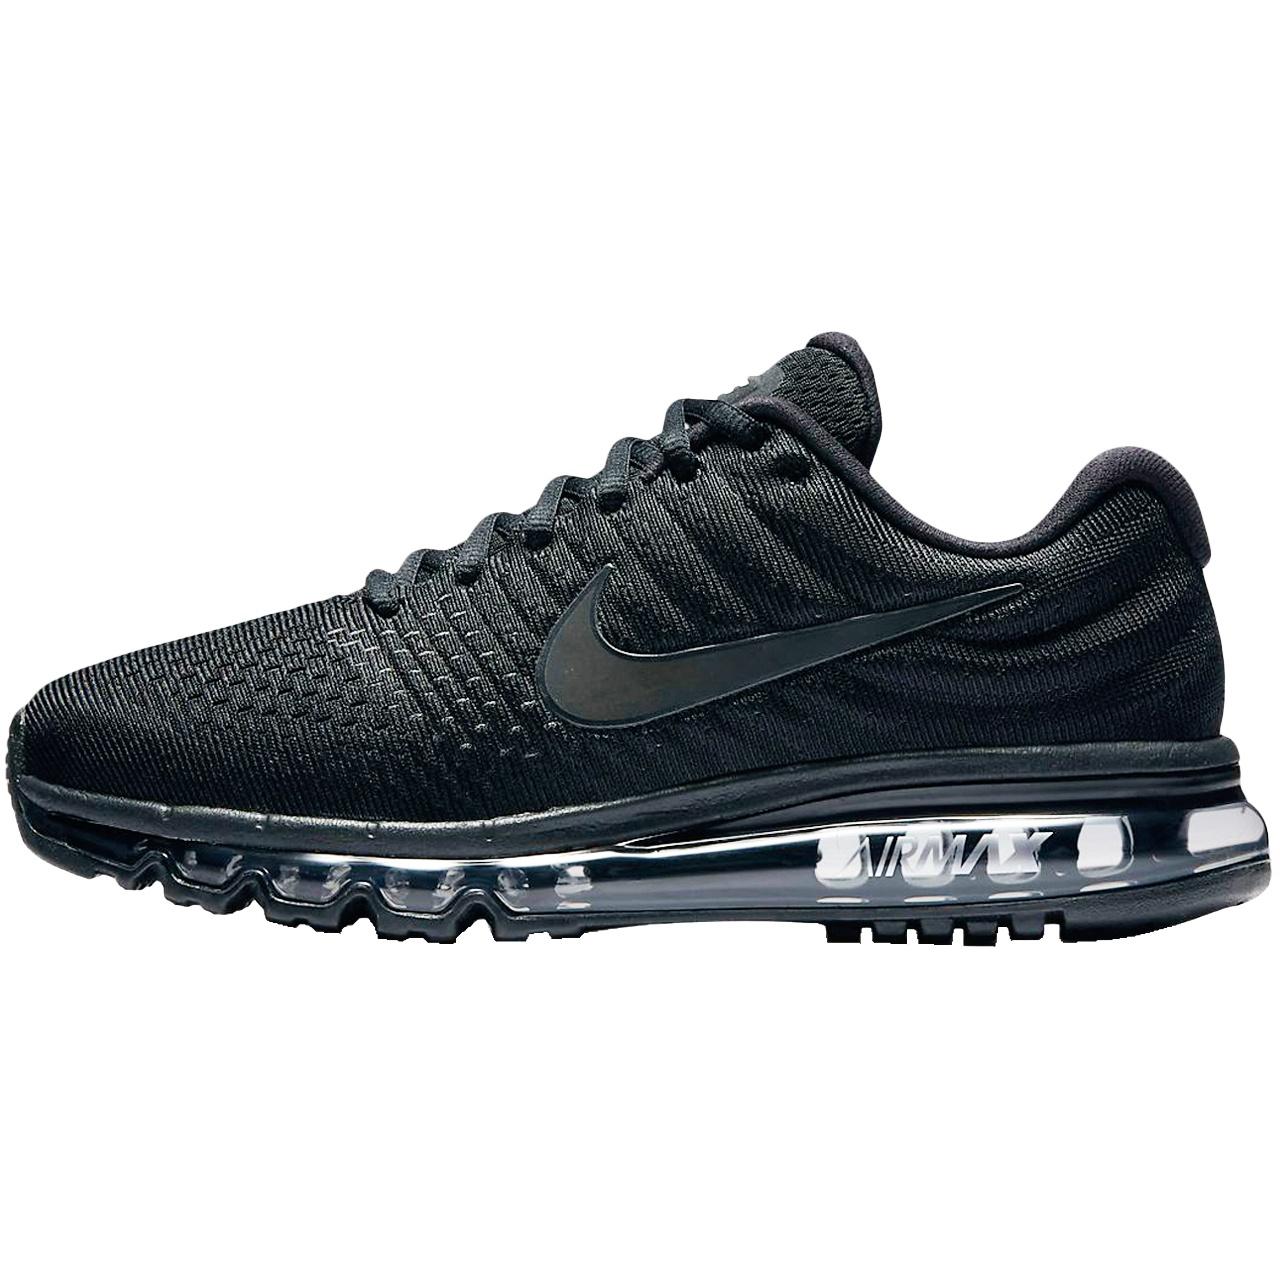 خرید                      کفش ورزشی مخصوص دویدن و پیاده روی مردانه نایک مدل AirMax 2017              👟